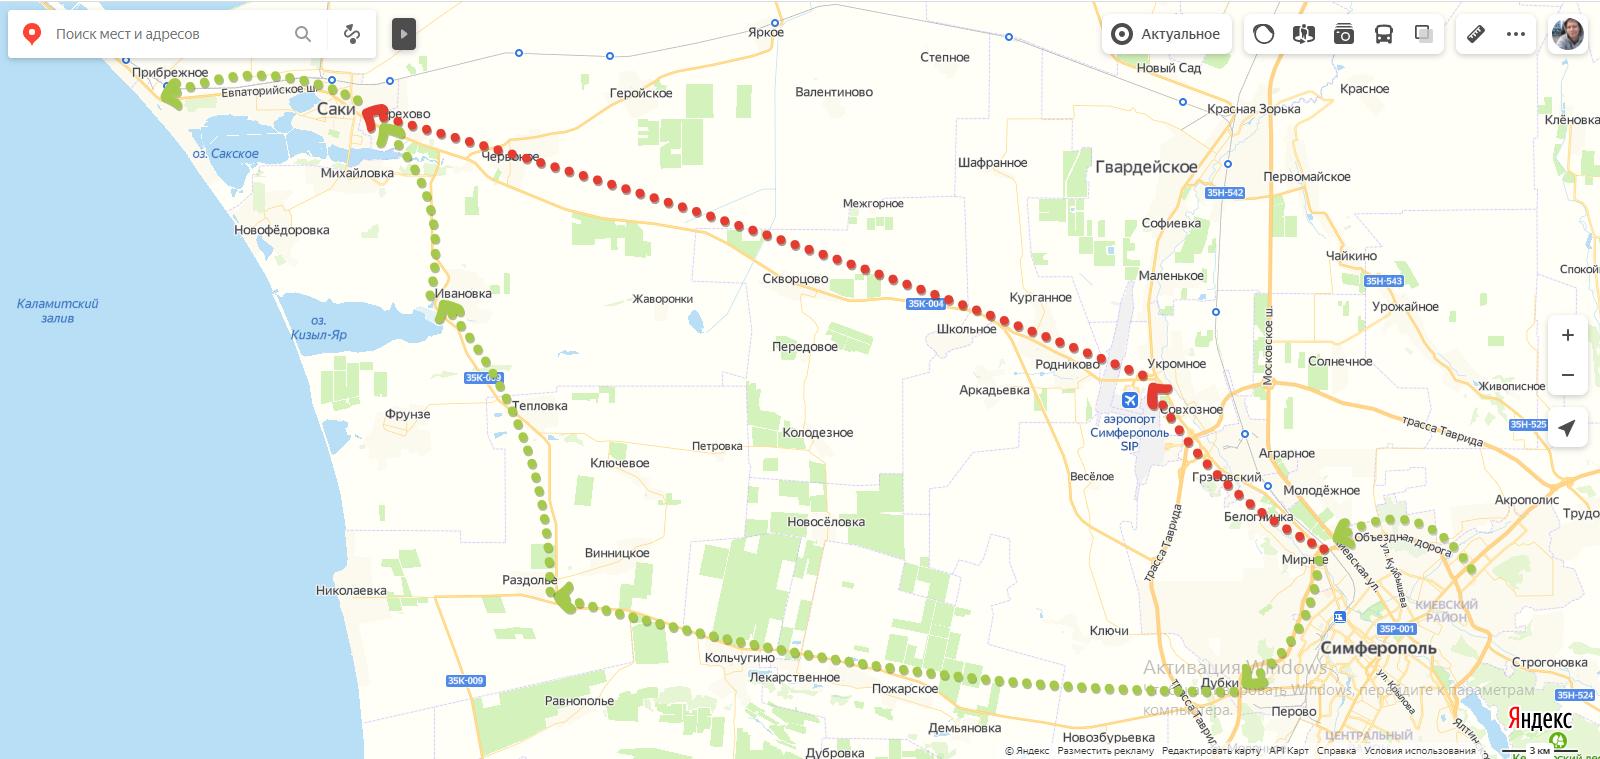 Екатеринбург - Крым - Екатеринбург с 9 по 24 июля 2020 года: часть #4 - Третий день. 1310 км.